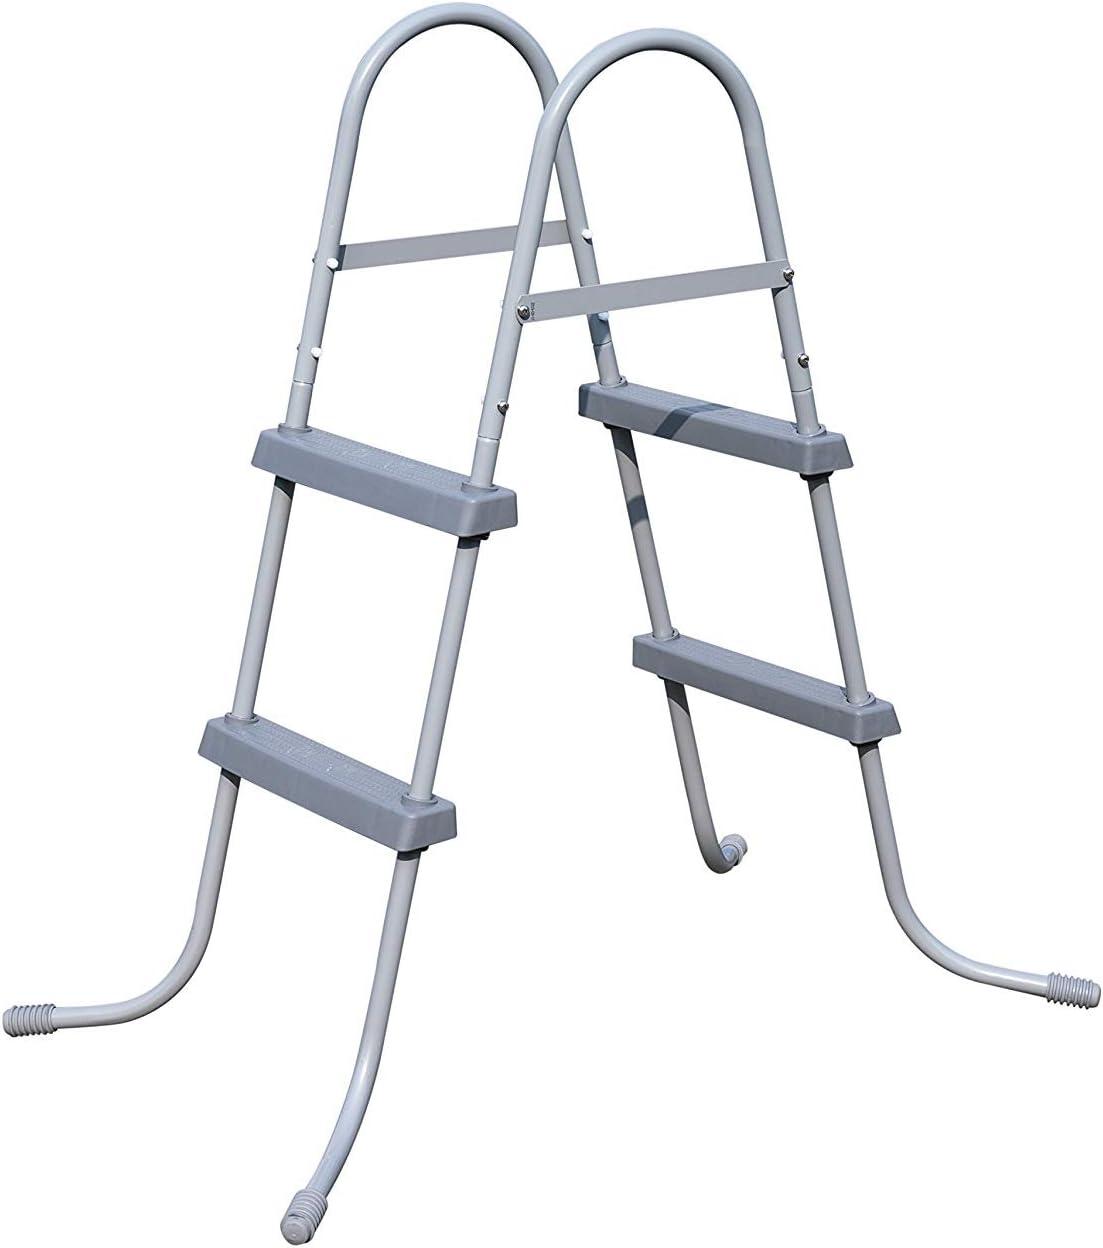 BEST.WAY Escalera para piscina exterior, altura 84 cm 33 pulgadas, estructura de metal 58430